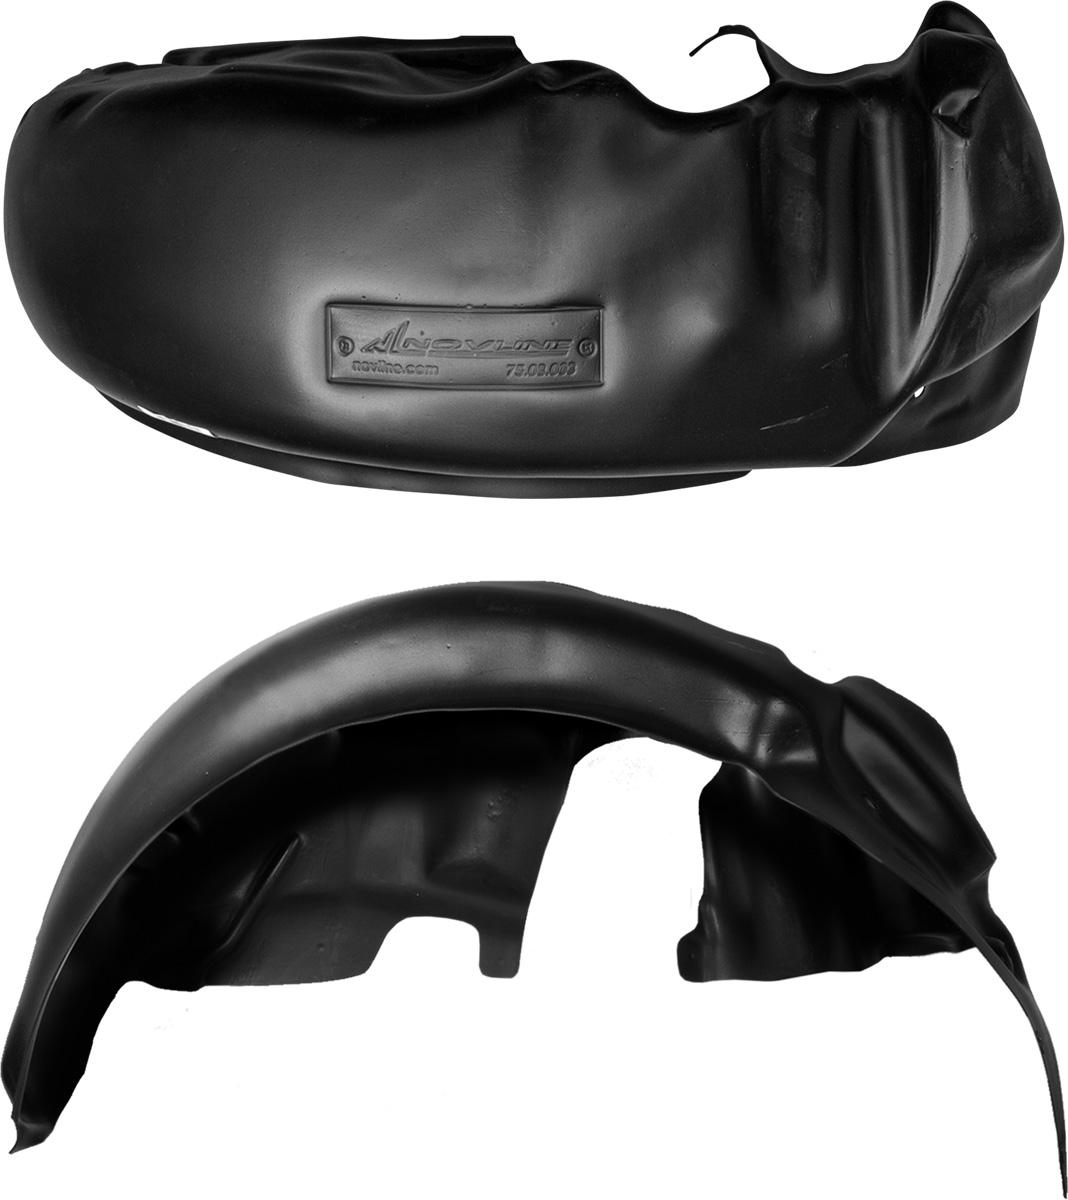 Подкрылок Novline-Autofamily, для Renault Sandero Stepway, 11/2014->, хэтчбек, задний правыйNLL.41.36.004Колесные ниши - одни из самых уязвимых зон днища вашего автомобиля. Они постоянно подвергаются воздействию со стороны дороги. Лучшая, почти абсолютная защита для них - специально отформованные пластиковые кожухи, которые называются подкрылками. Производятся они как для отечественных моделей автомобилей, так и для иномарок. Подкрылки Novline-Autofamily выполнены из высококачественного, экологически чистого пластика. Обеспечивают надежную защиту кузова автомобиля от пескоструйного эффекта и негативного влияния, агрессивных антигололедных реагентов. Пластик обладает более низкой теплопроводностью, чем металл, поэтому в зимний период эксплуатации использование пластиковых подкрылков позволяет лучше защитить колесные ниши от налипания снега и образования наледи. Оригинальность конструкции подчеркивает элегантность автомобиля, бережно защищает нанесенное на днище кузова антикоррозийное покрытие и позволяет осуществить крепление подкрылков внутри колесной арки практически без...